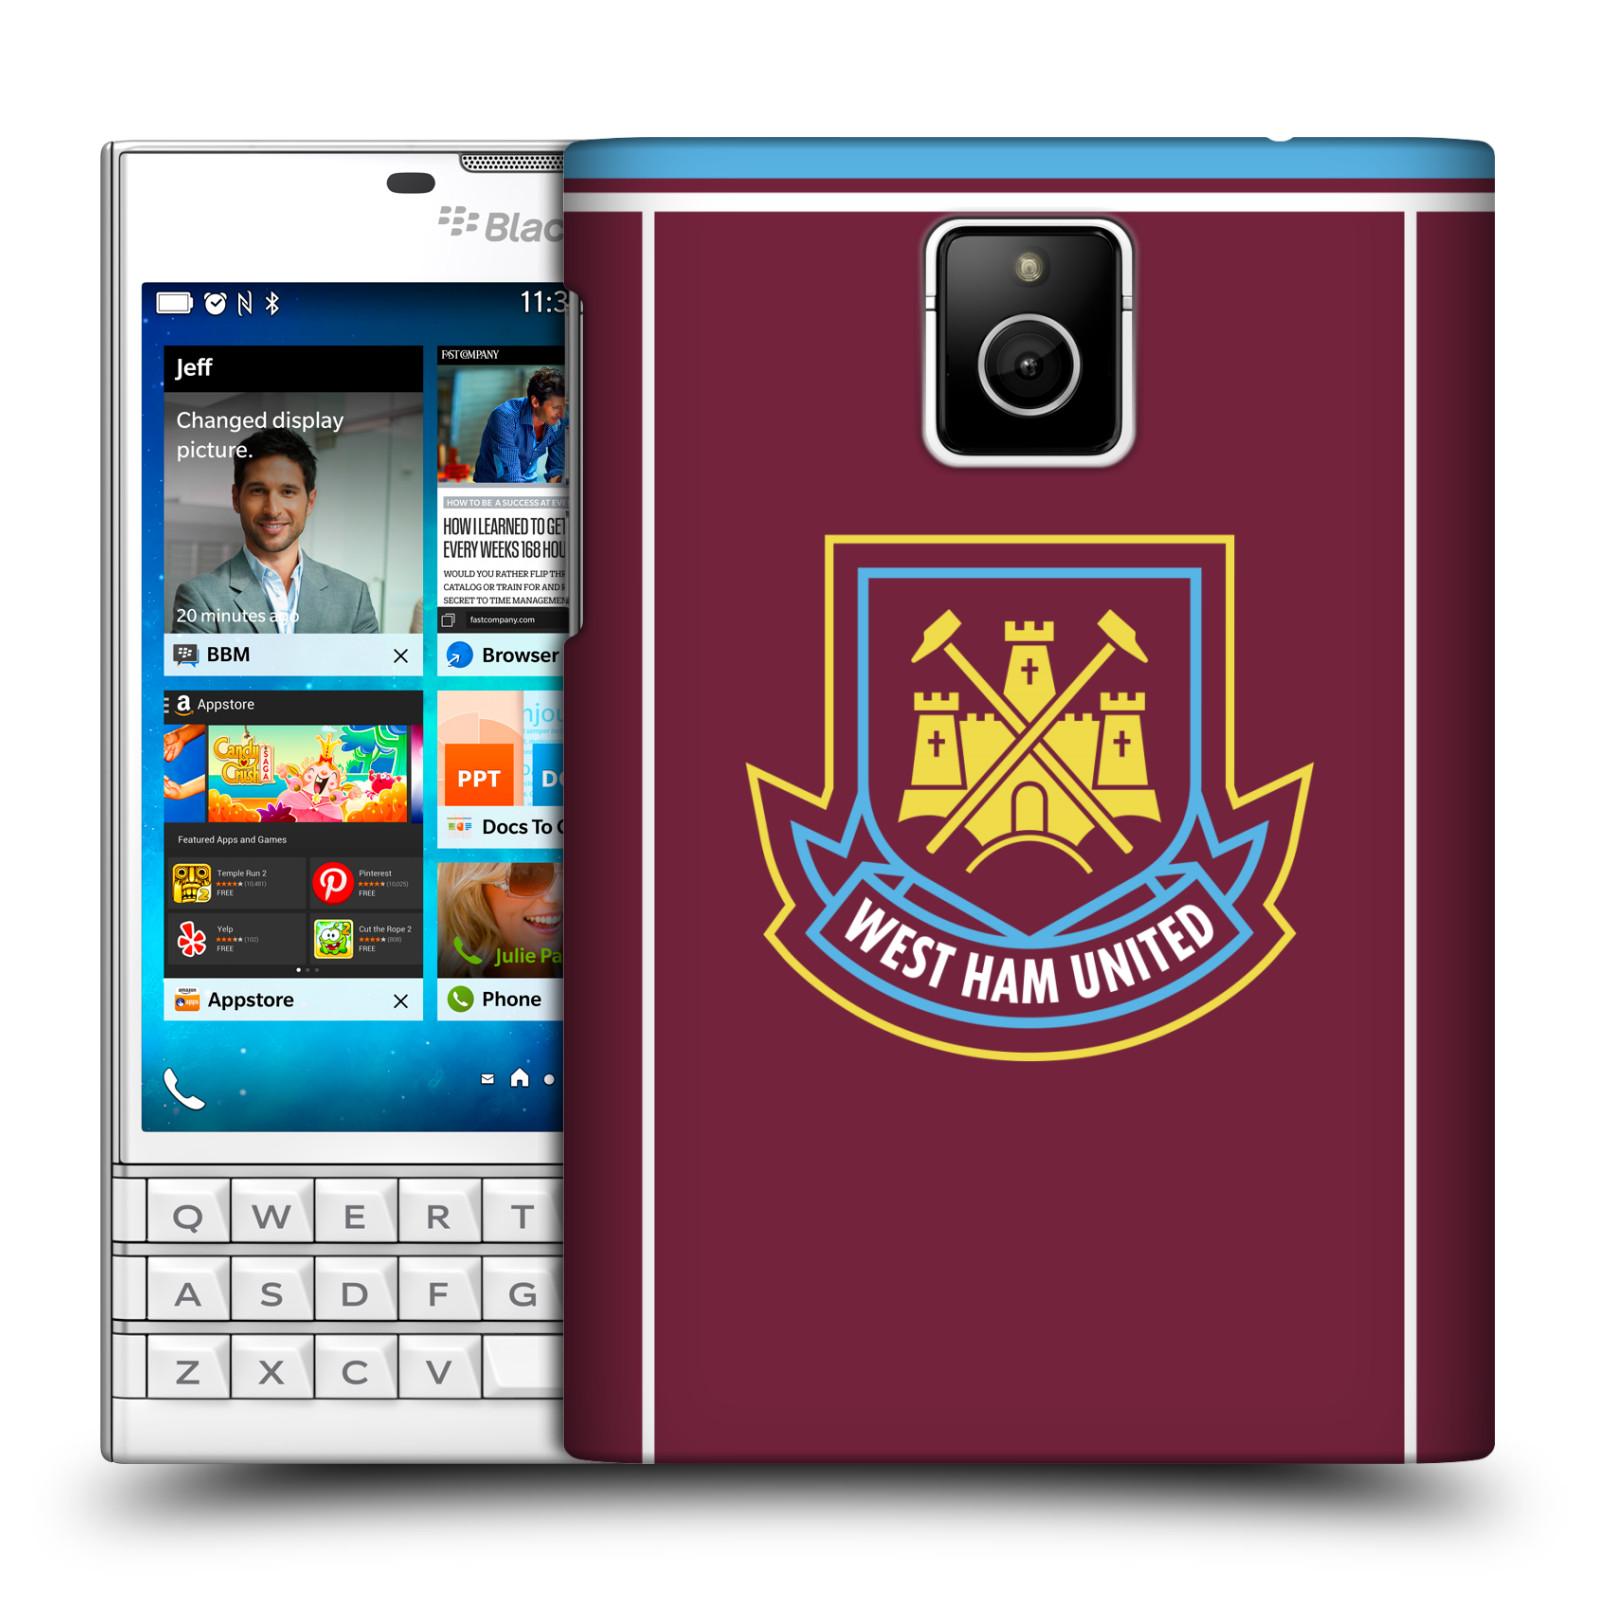 Plastové pouzdro na mobil Blackberry PASSPORT - Head Case - West Ham United - Retro znak (Plastový kryt či obal na mobilní telefon s motivem West Ham United - Kladiváři - Retro znak pro Blackberry PASSPORT)